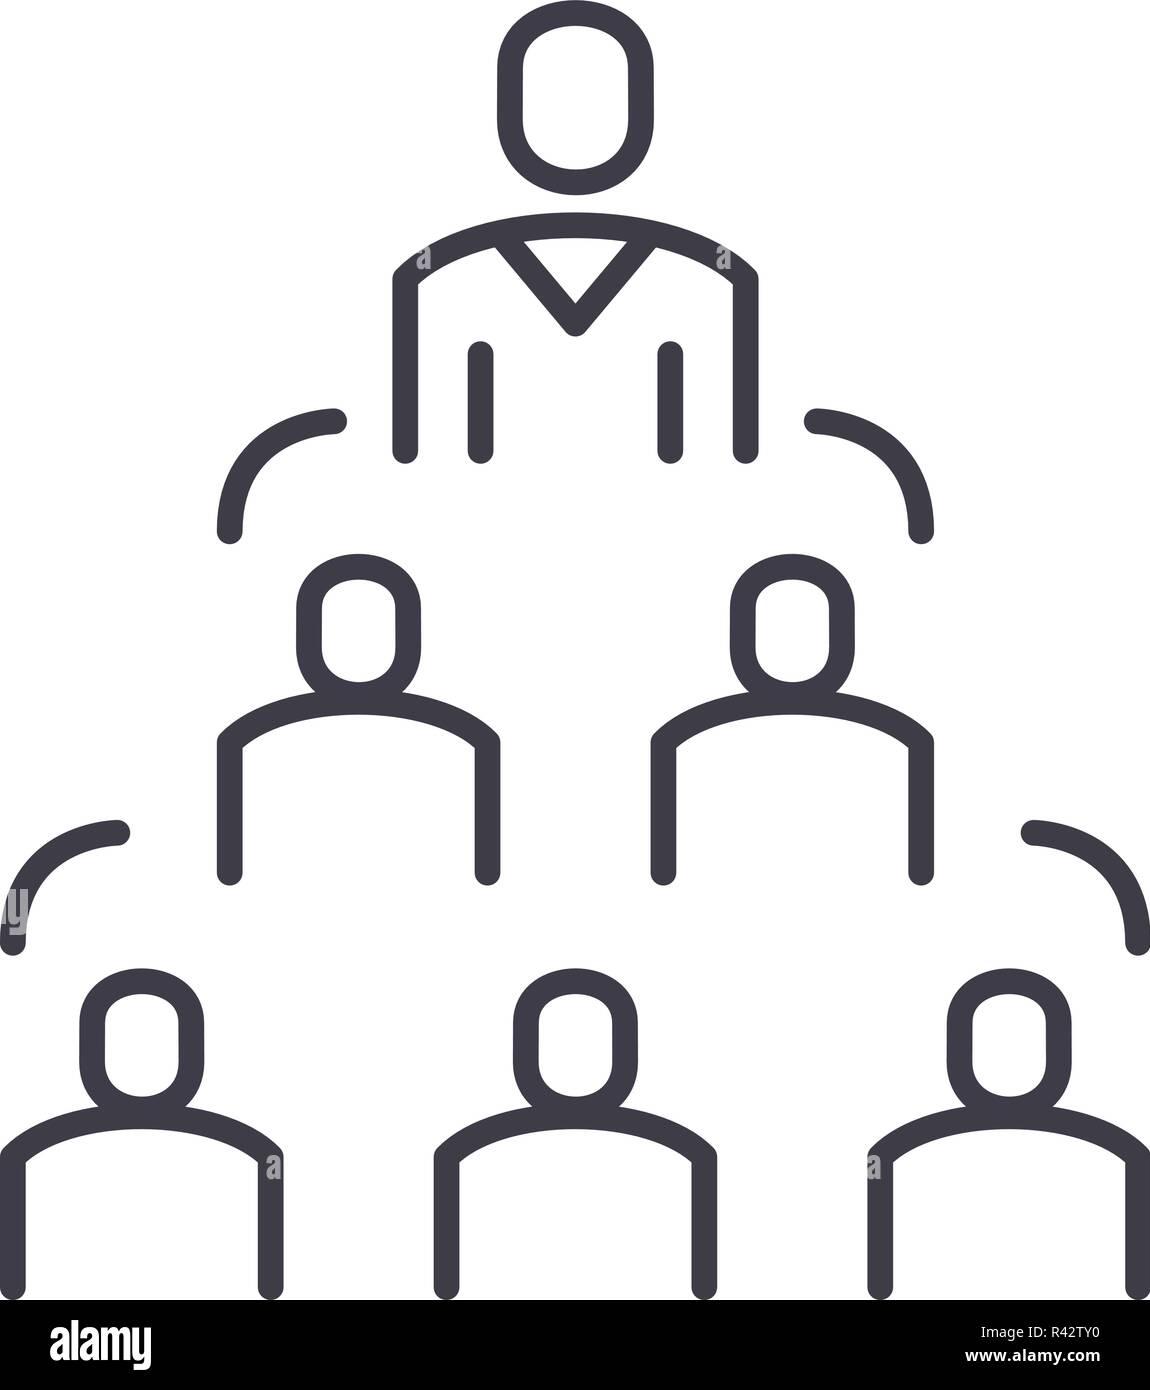 Icono De Línea De La Estructura De La Empresa Concepto La